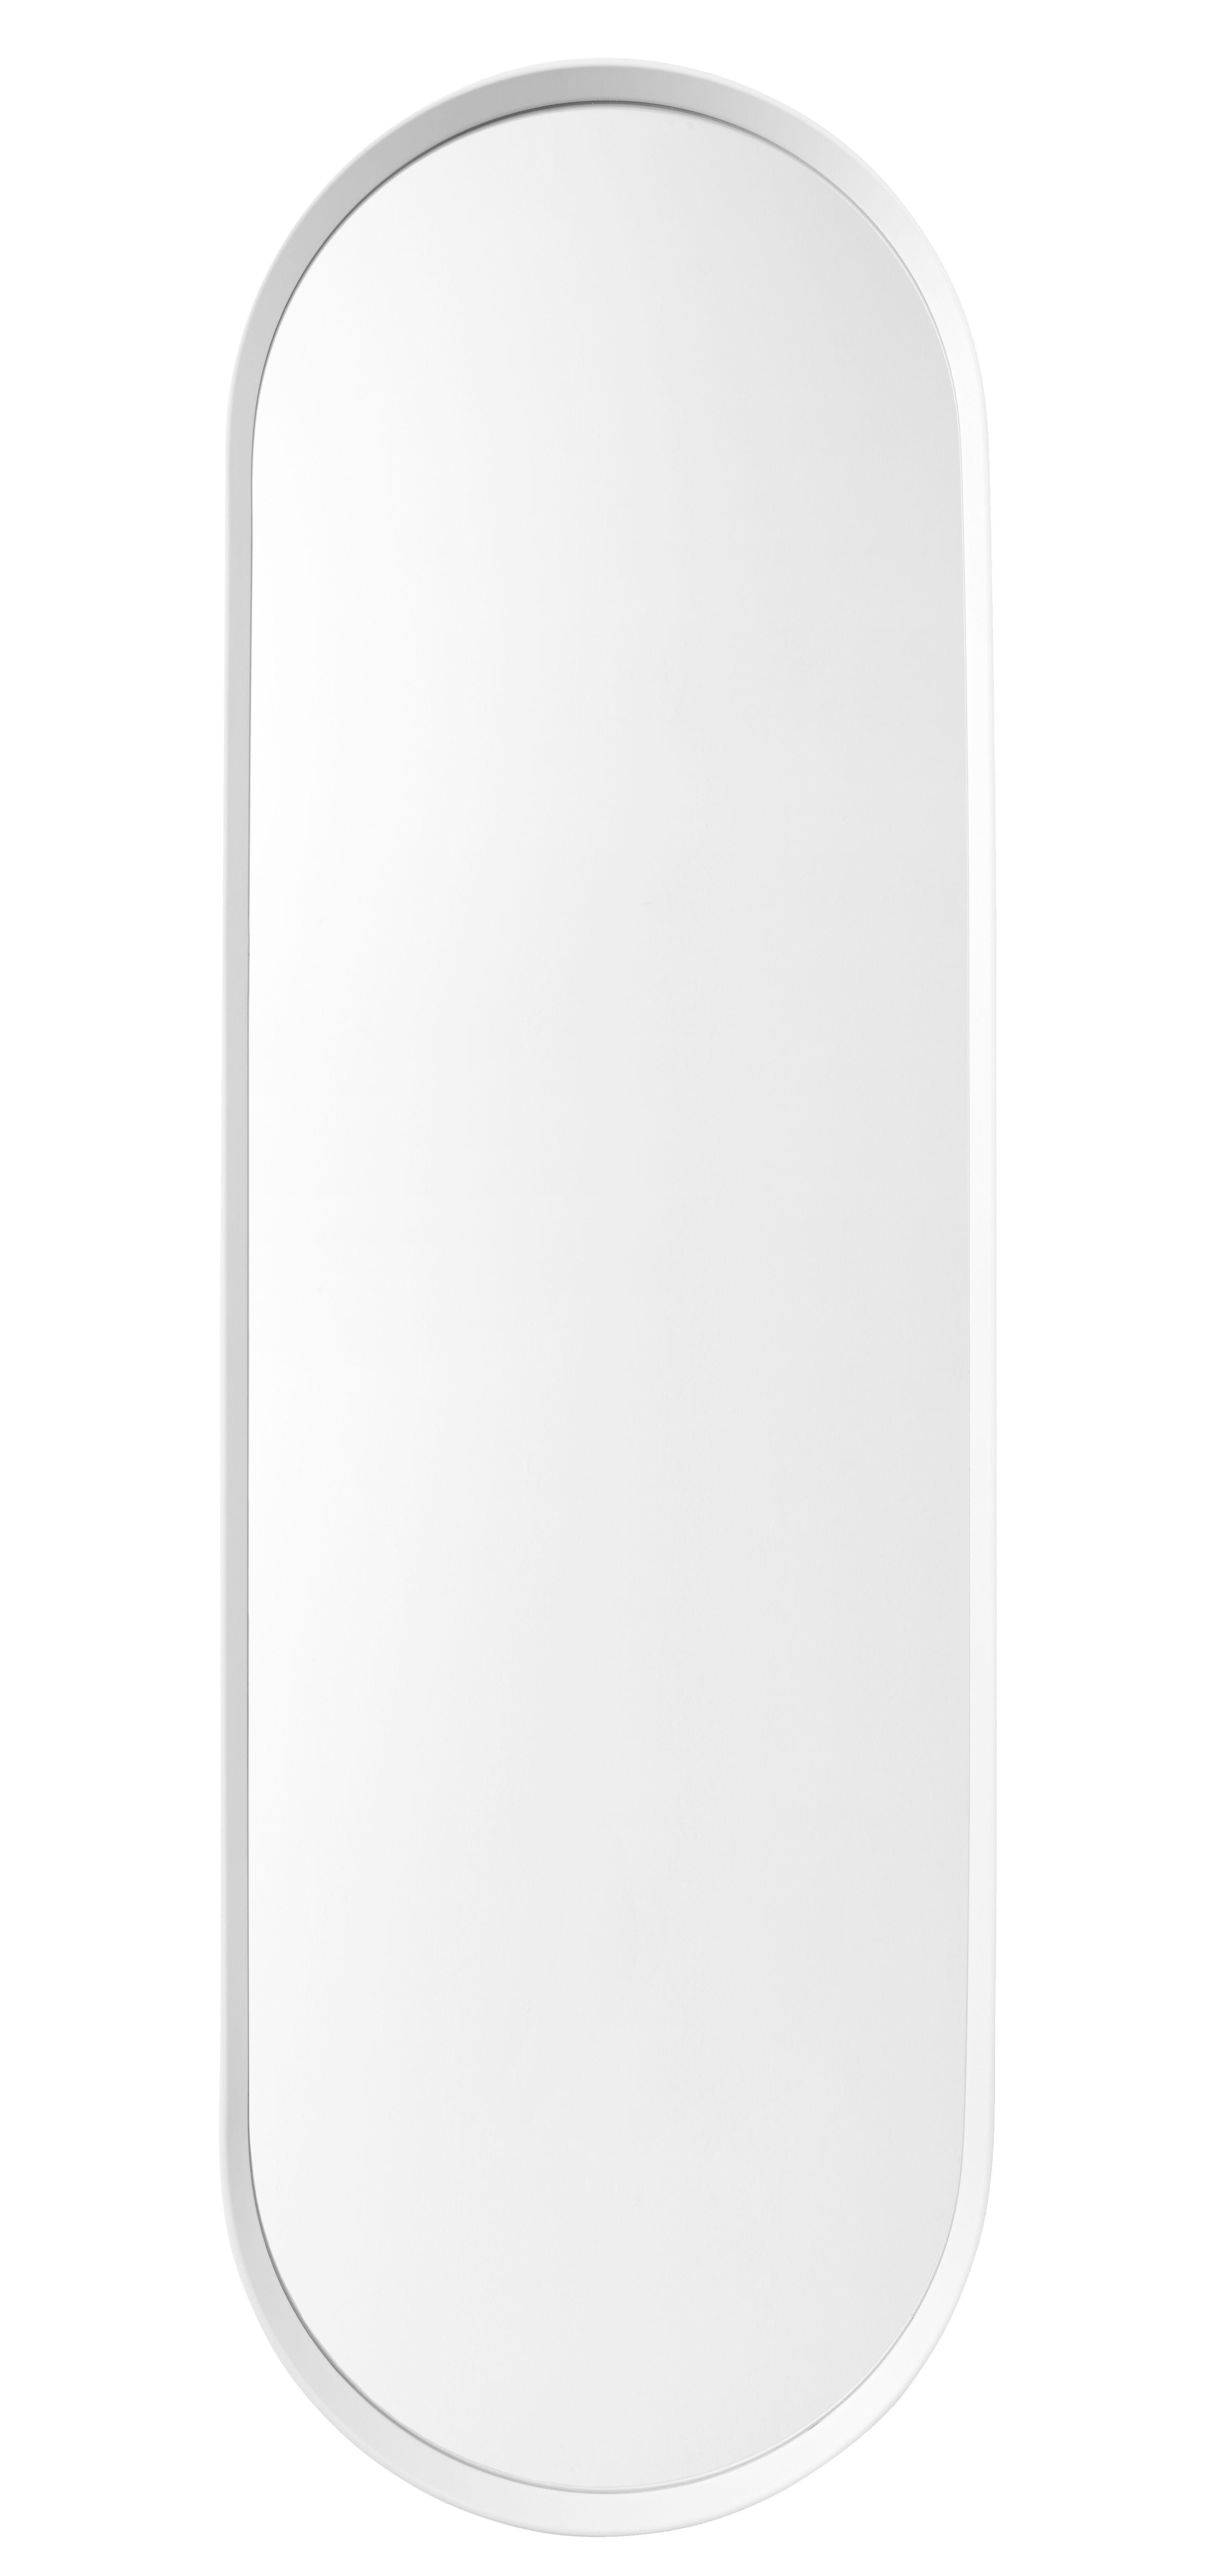 Interni - Specchi - Specchio Norm / H 129 cm - Metallo - Menu - Bianco - alluminio verniciato, Vetro